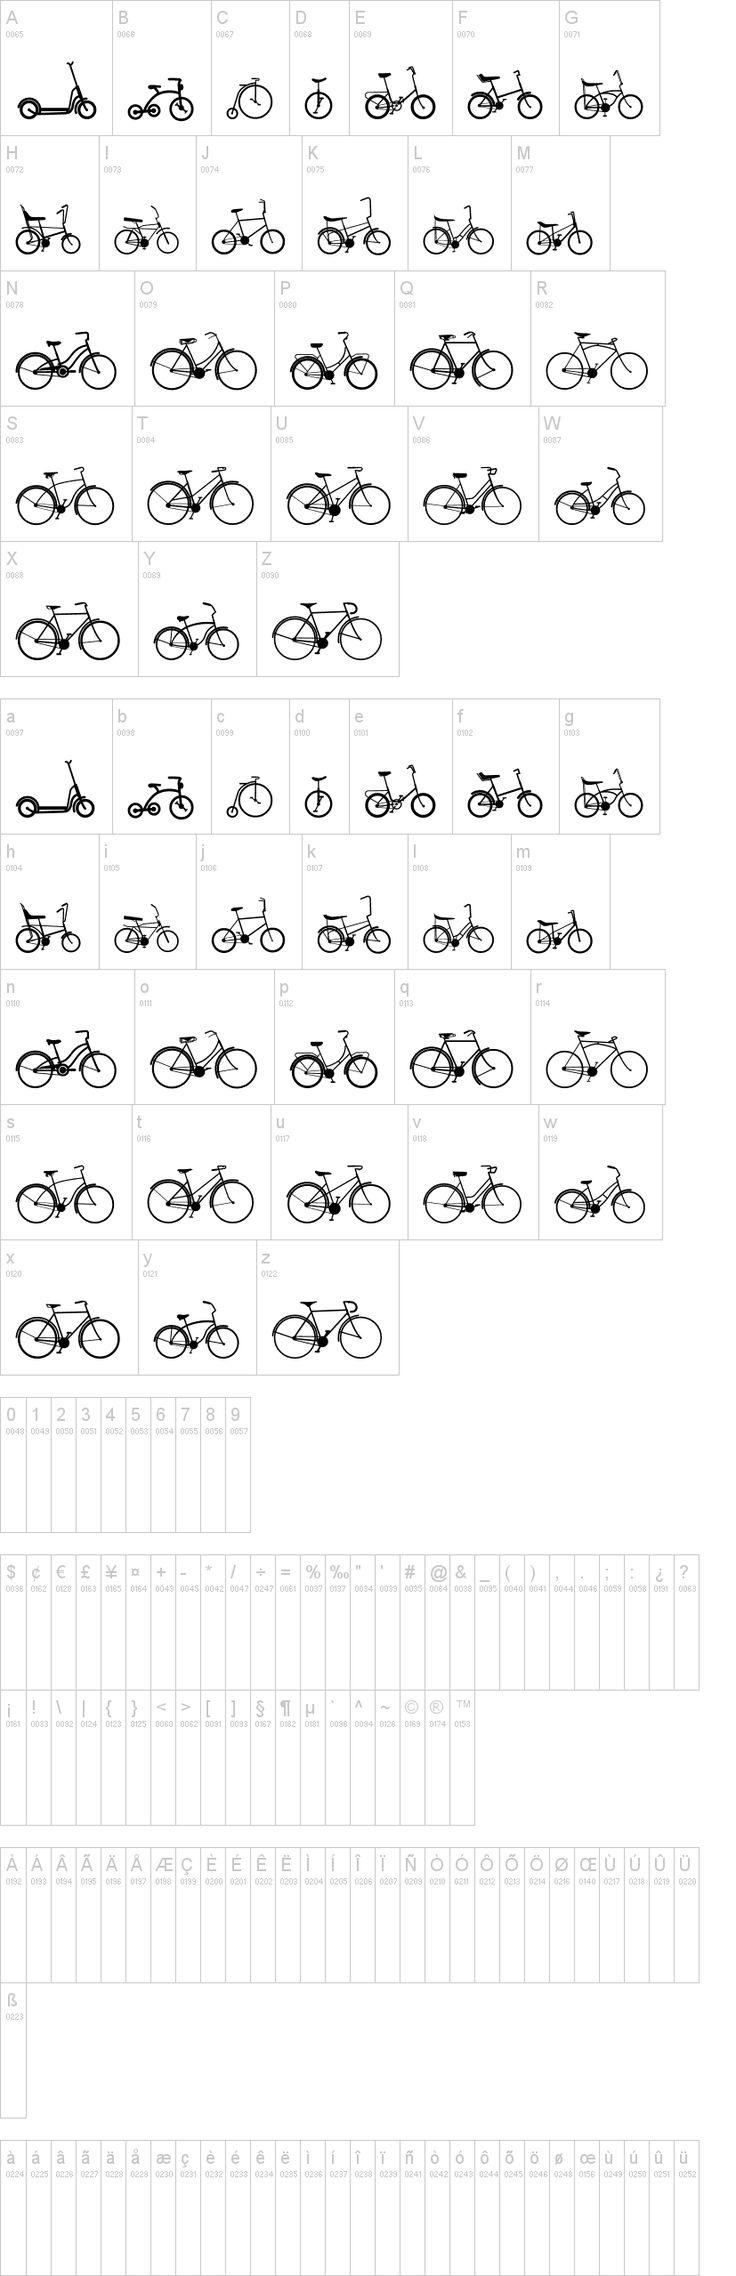 Sepeda Dingbats Font   dafont.com    bikes galore!